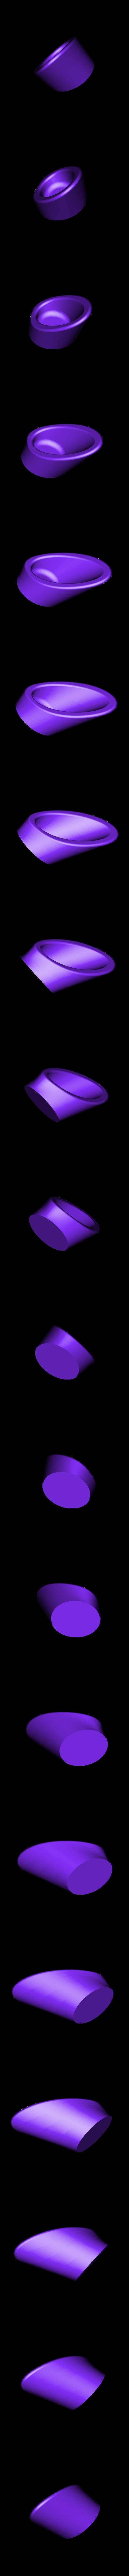 Assem stand test - 0 assem colony transporter-1 5 front side vector thruster R-1.STL Download free STL file Colony Transporter model kit 1:72 • 3D printable template, 77LEE77